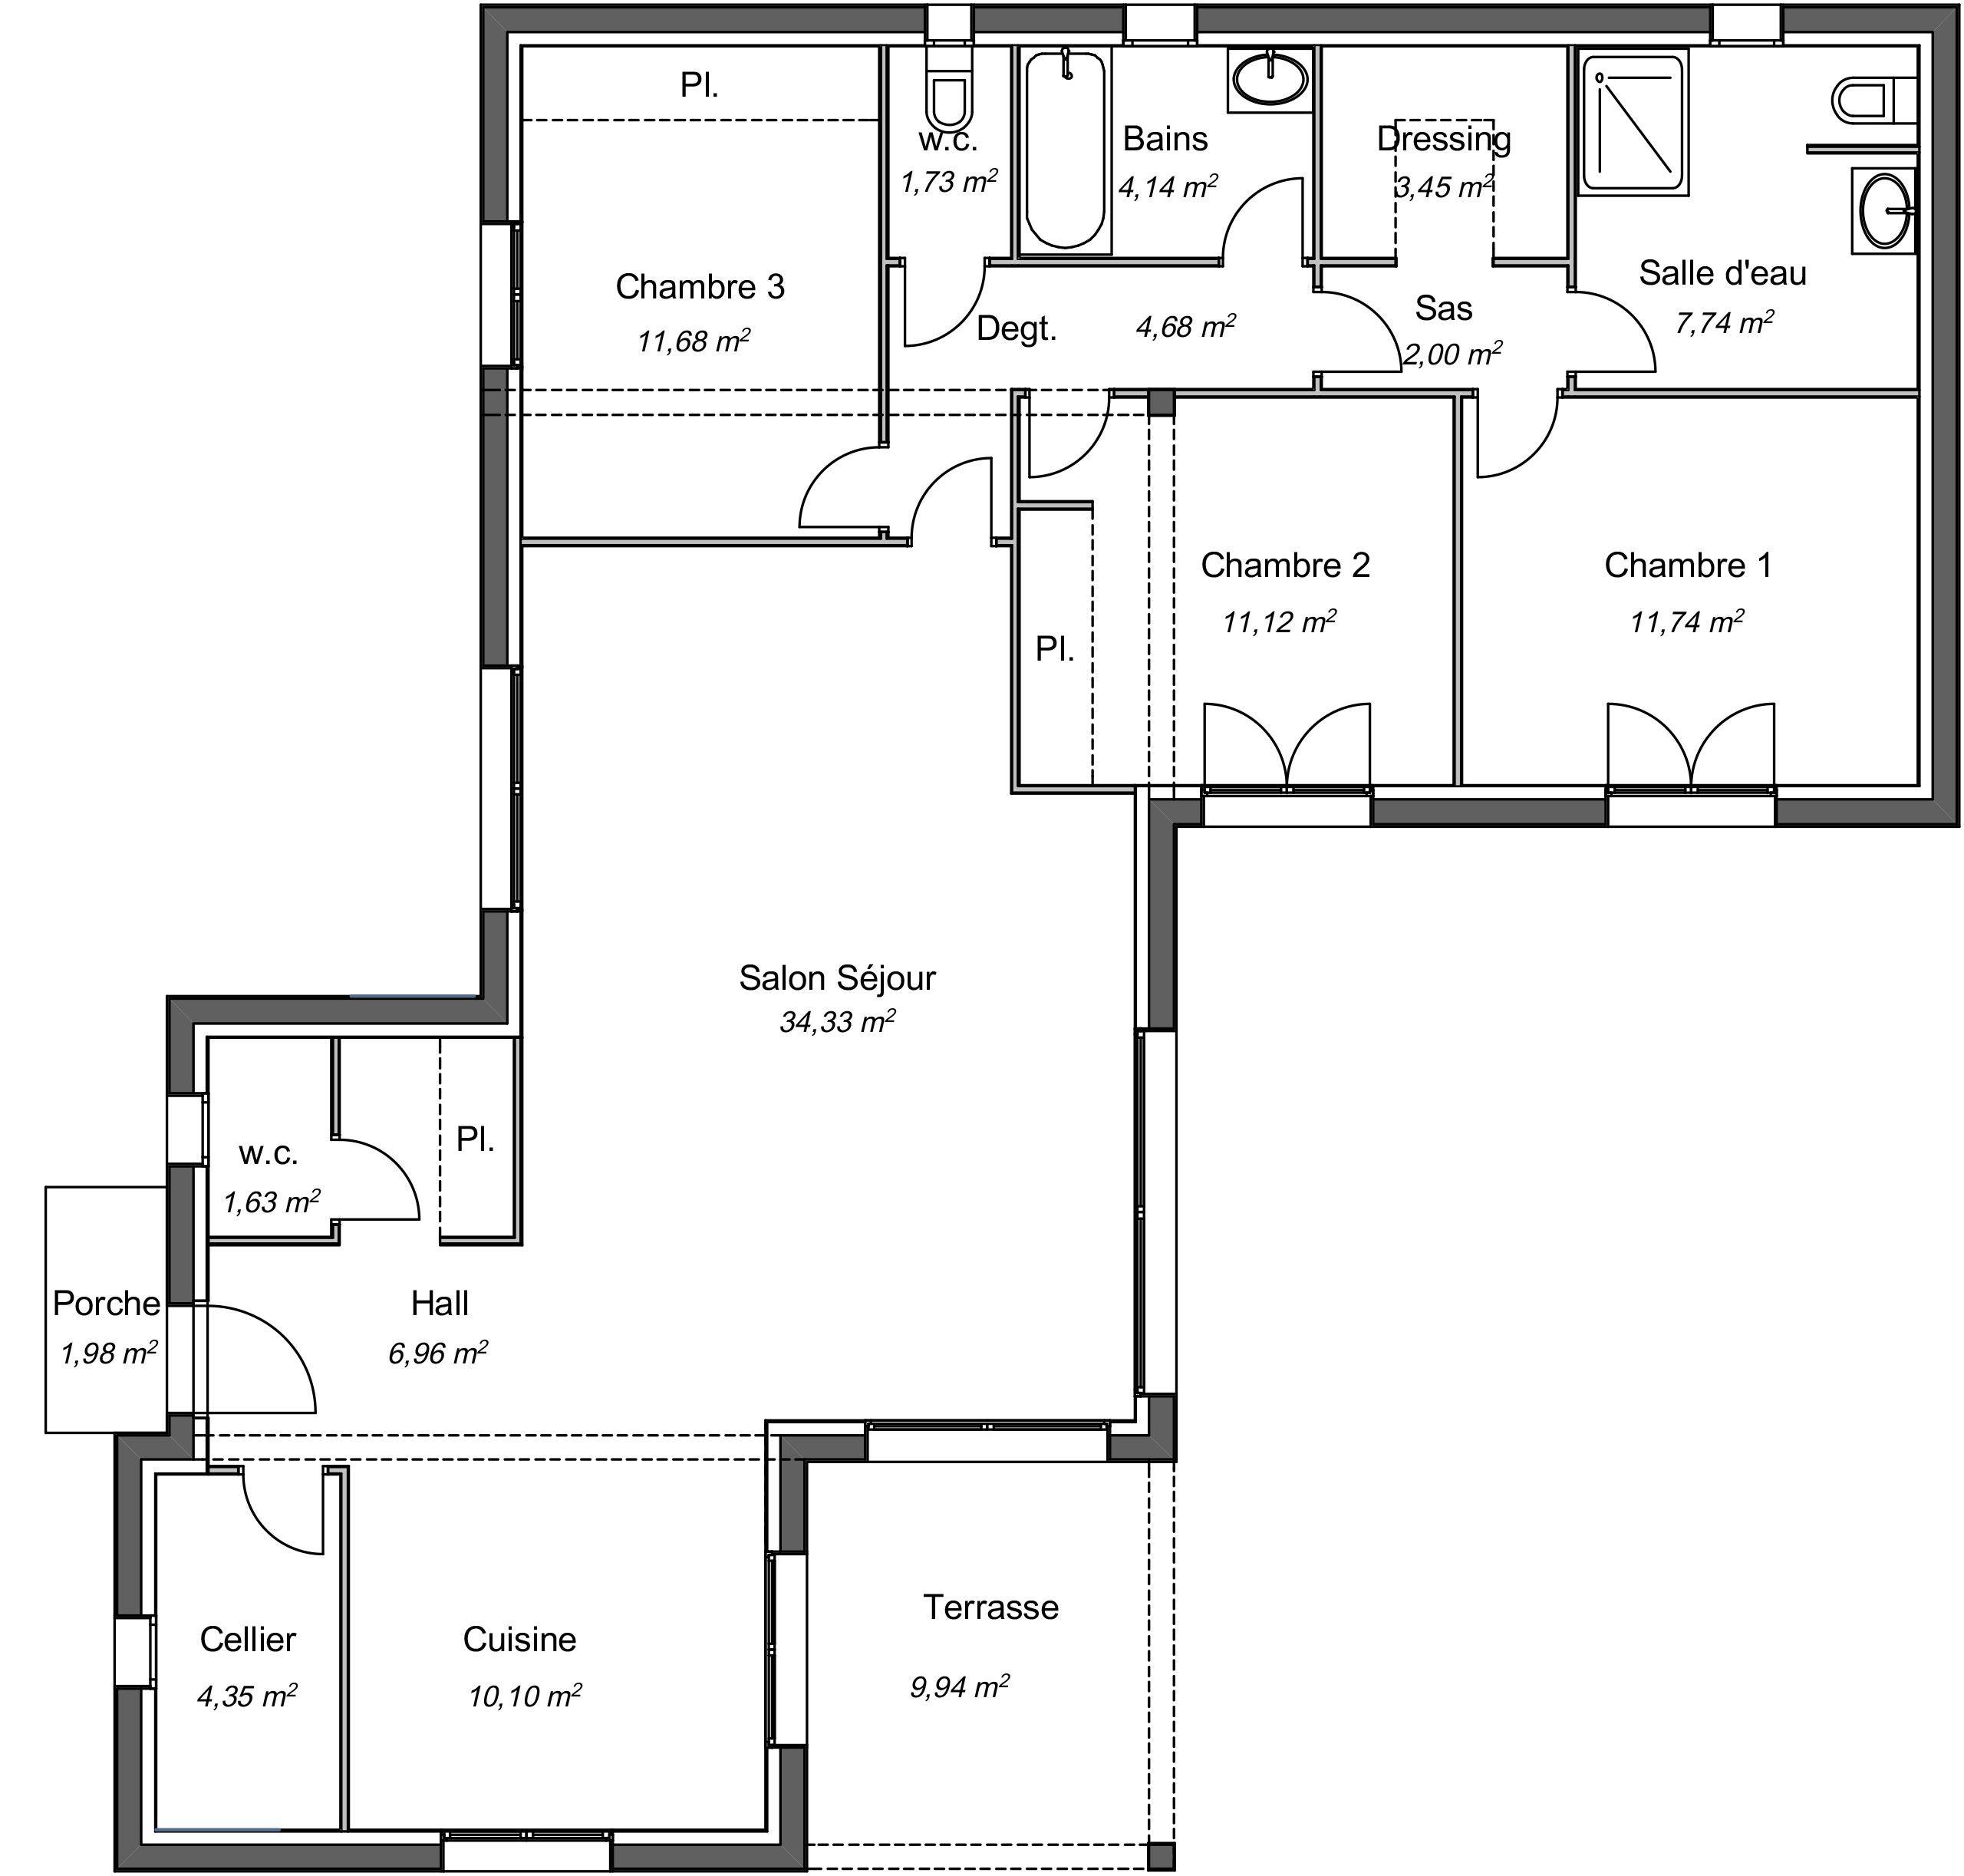 Maison contemporaine plain-pied Seringat avec plans - Demeures d'Occitanie Constructeu… | Plan ...